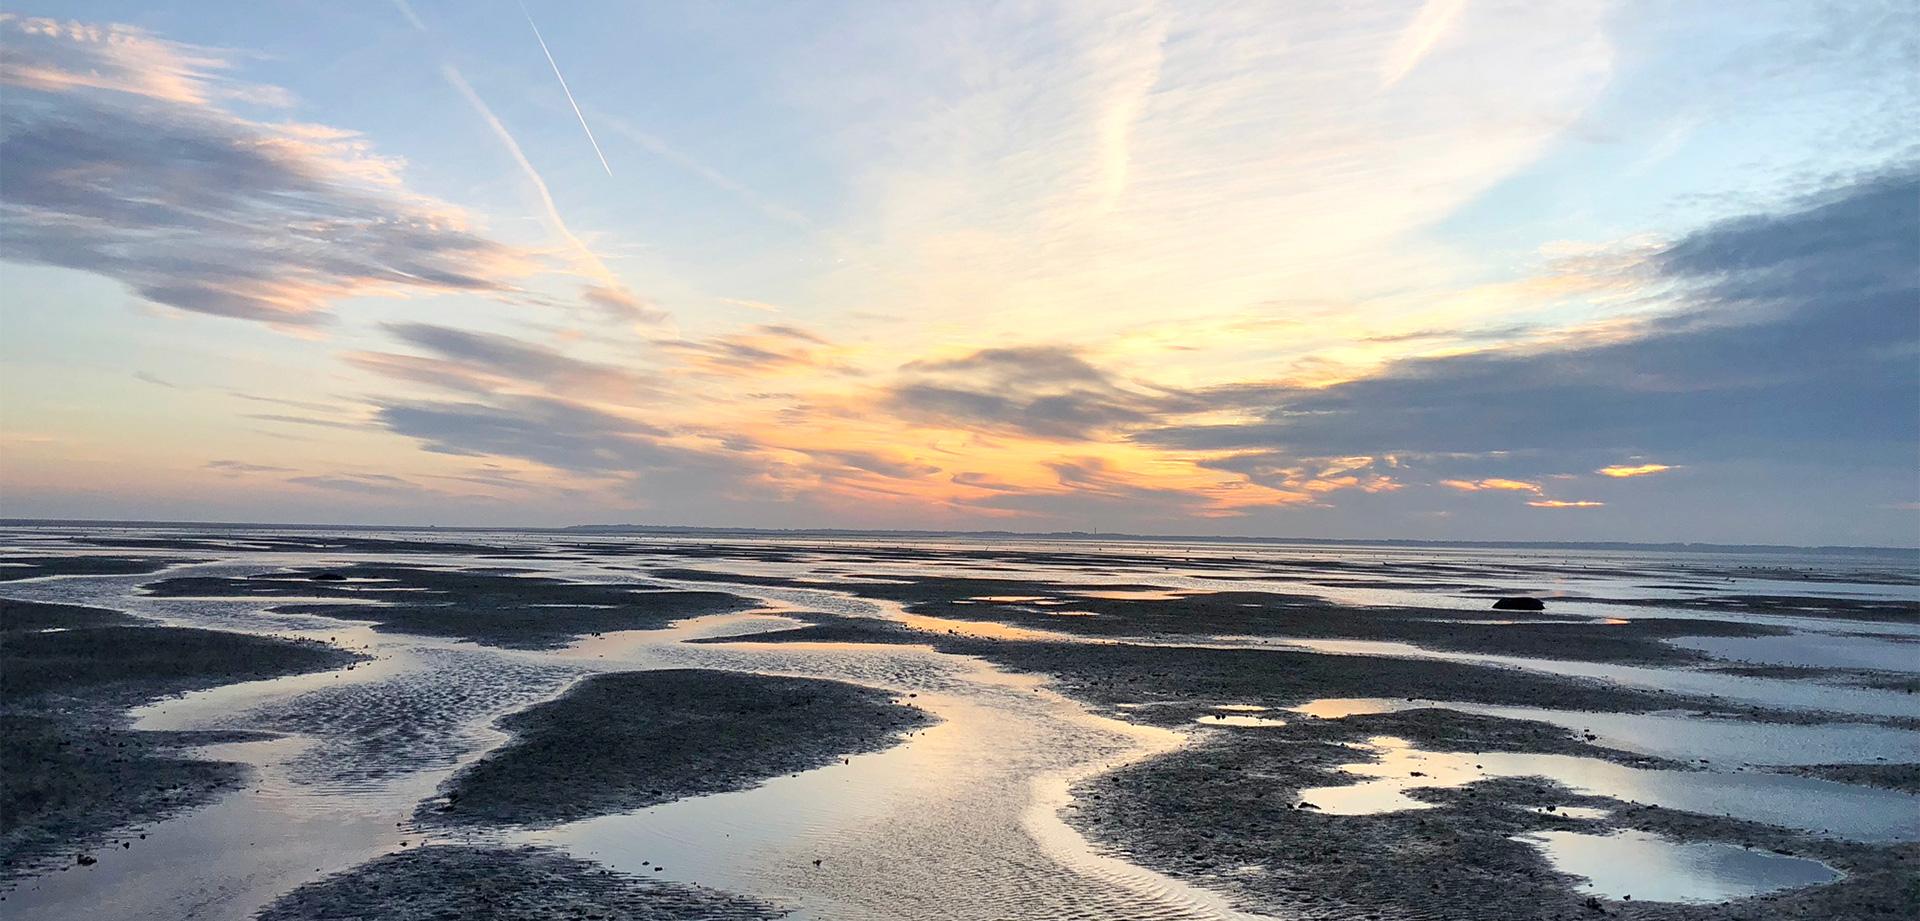 Föhr Insel Träume Watt und Meer